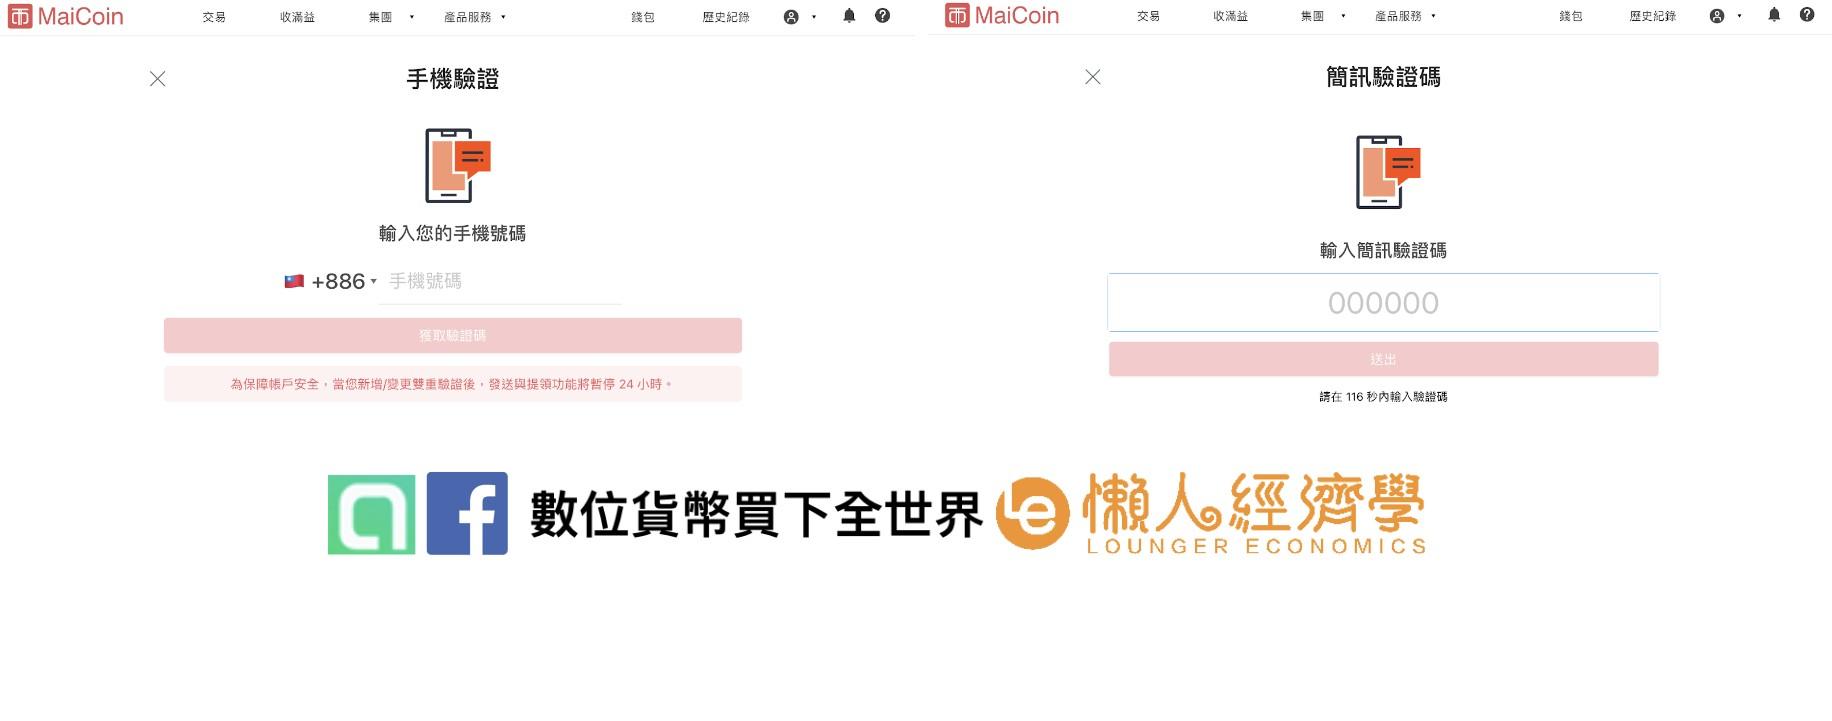 平台註冊流程:綁定台灣手機號碼